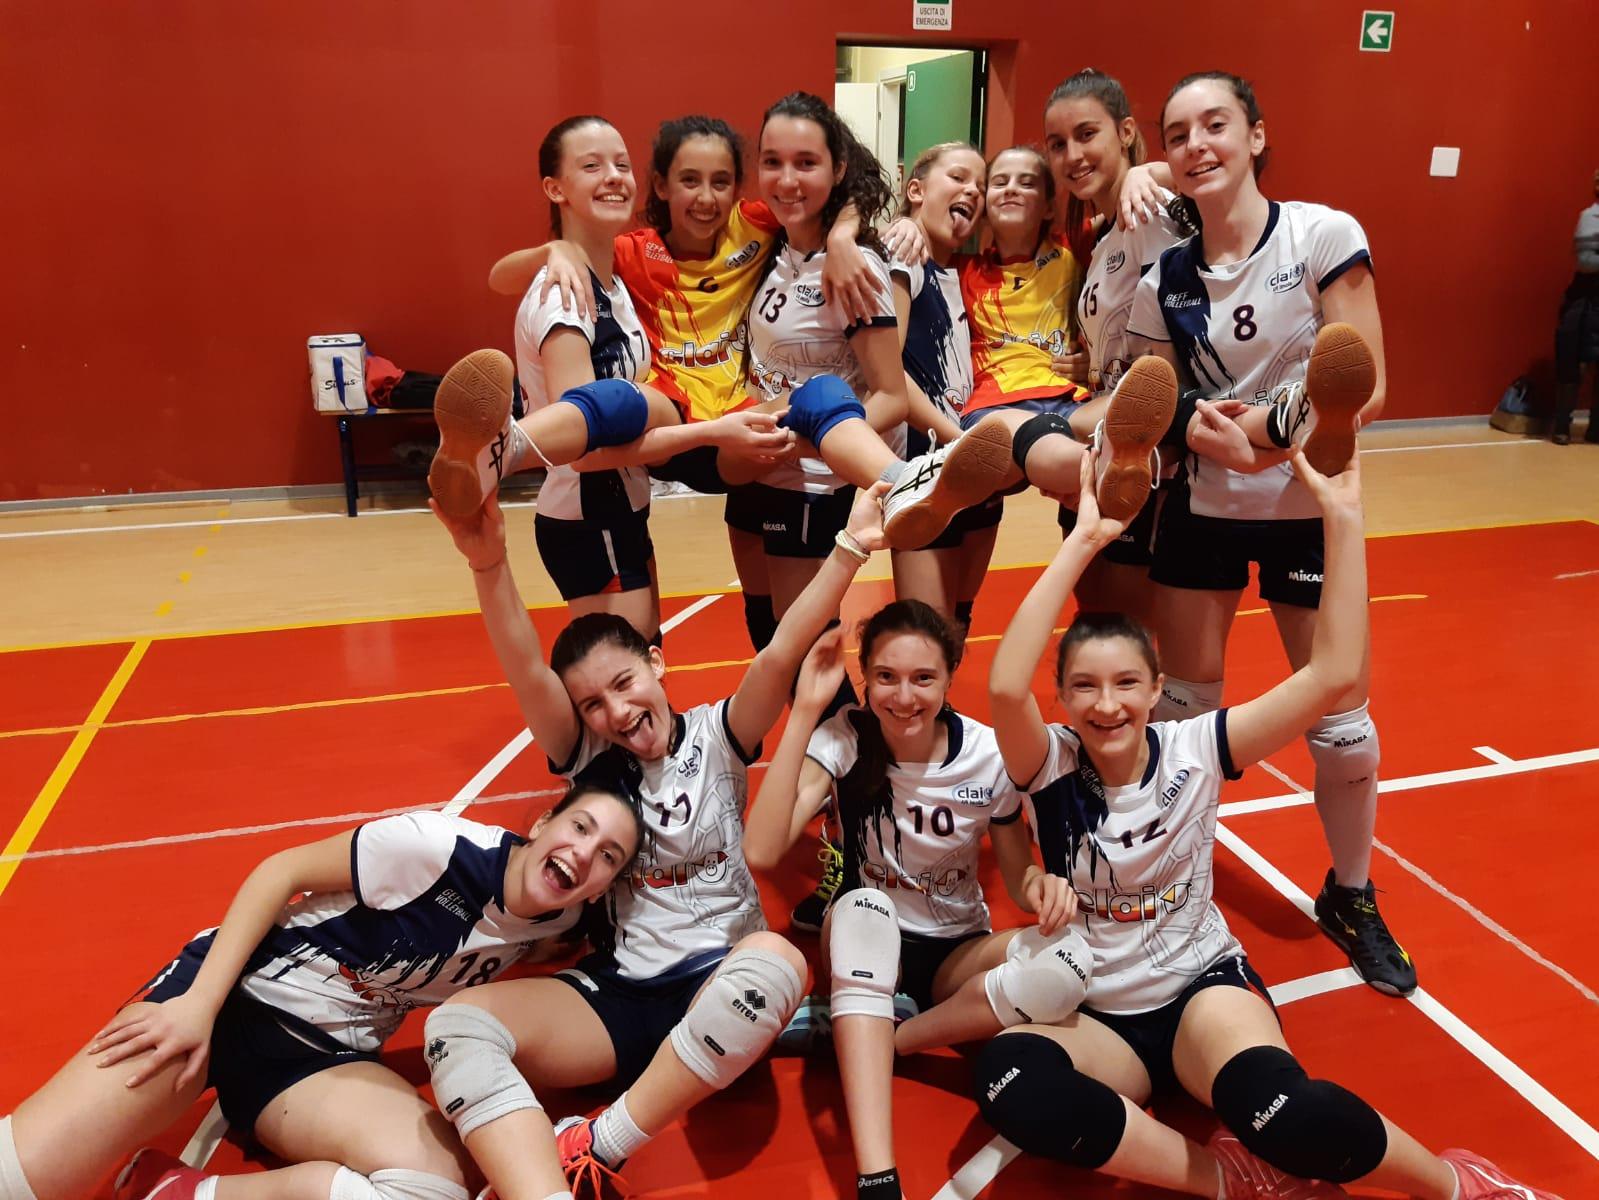 Under 14: Clai Morsiani - Castenaso Volley 3-0